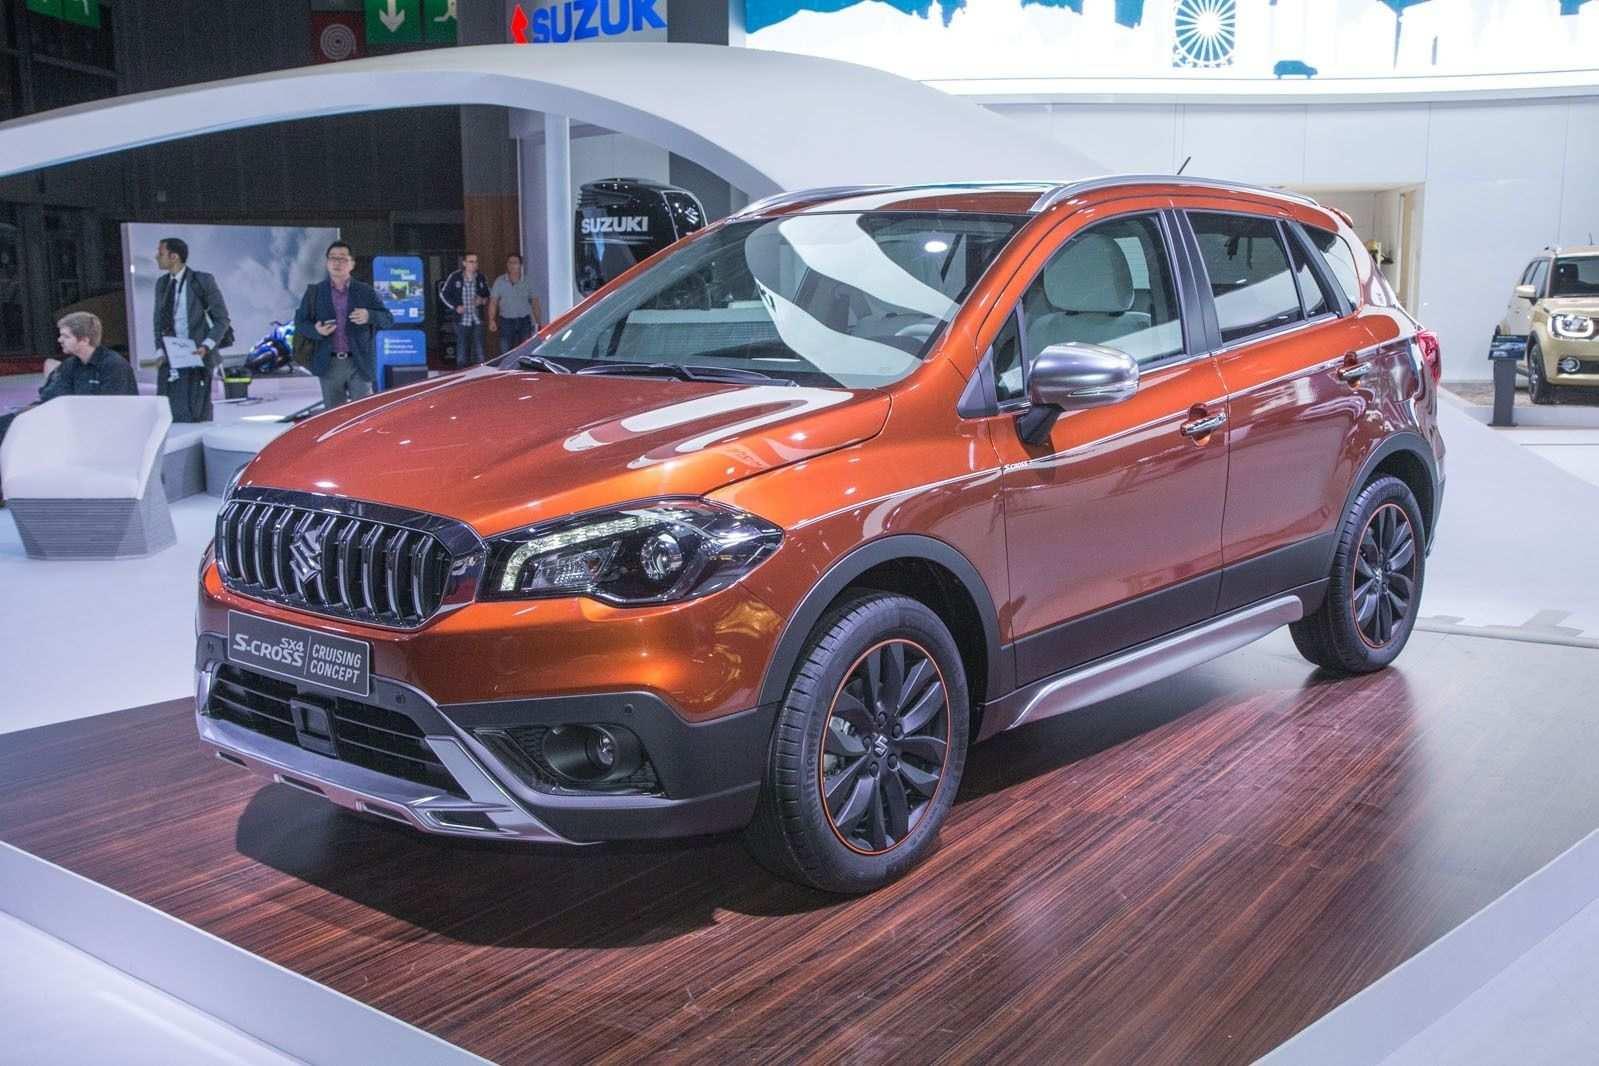 25 All New 2020 Suzuki Sx4 2018 Price by 2020 Suzuki Sx4 2018